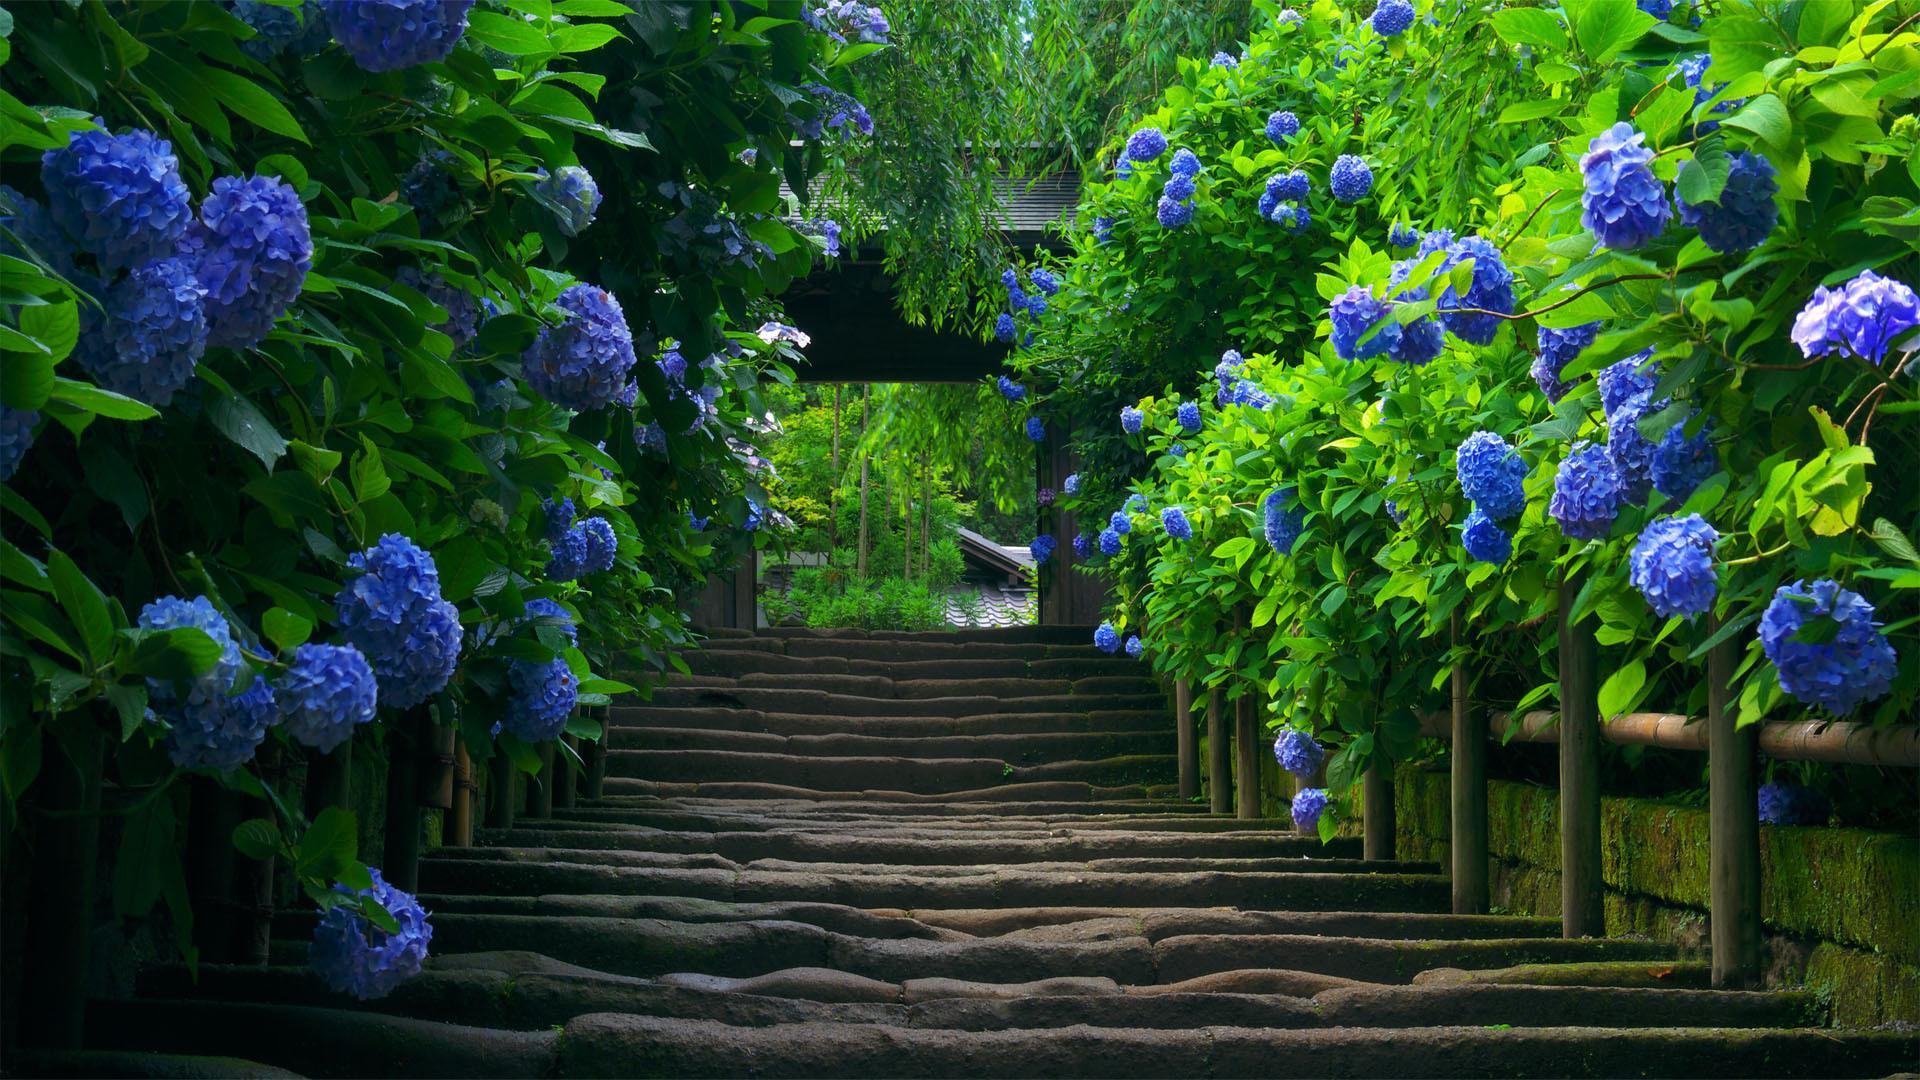 Flower Garden Nature HD Desktop Wallpaper 1920x1080